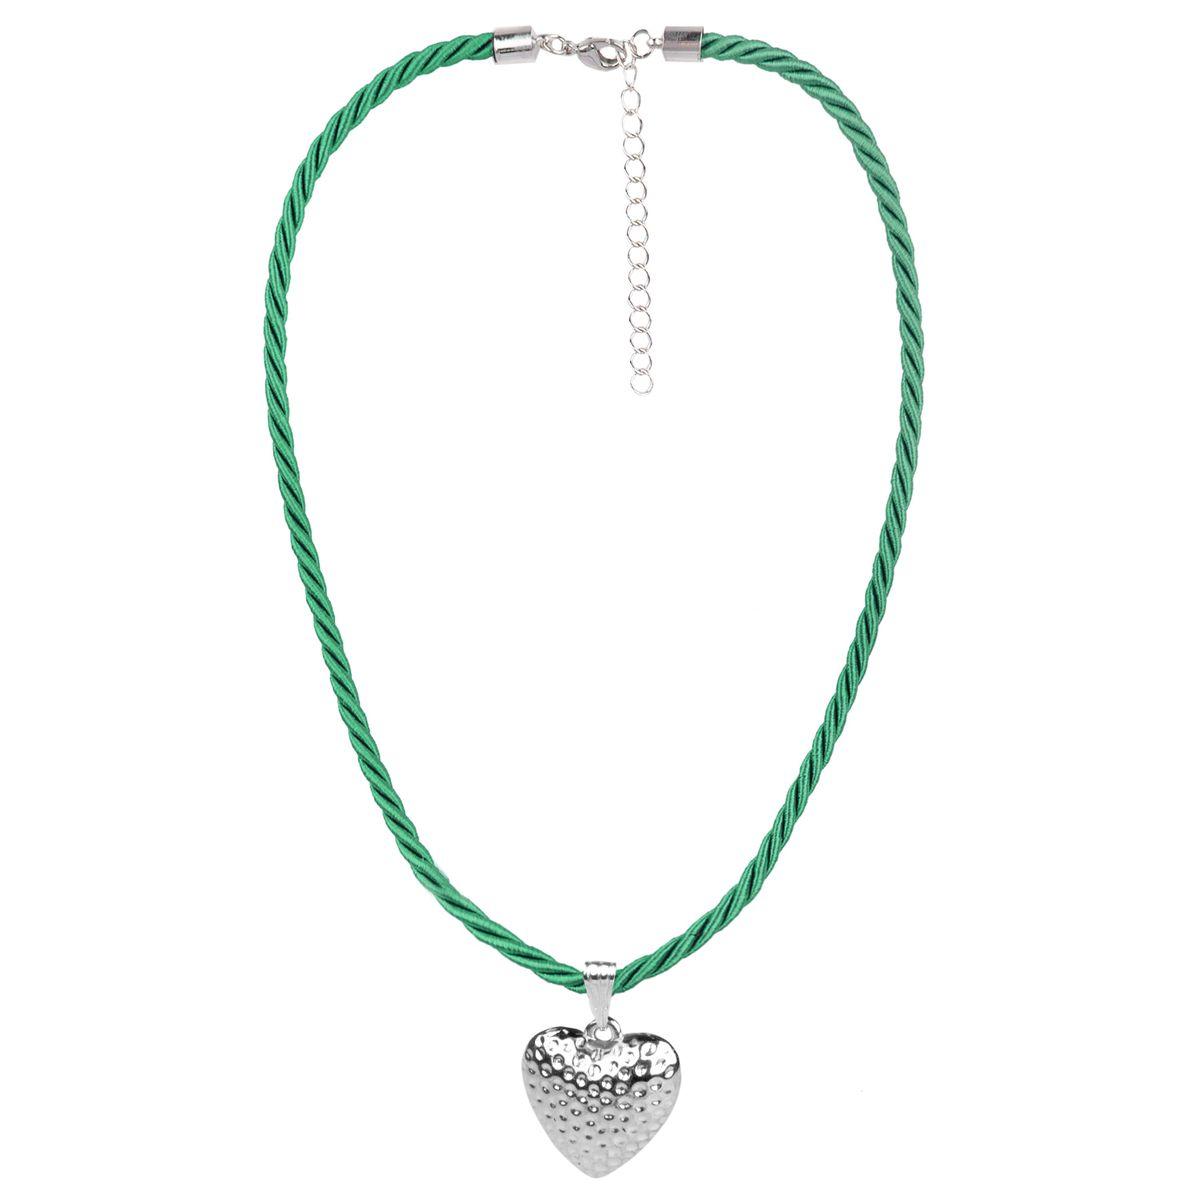 Kordelkette in Grün mit kleinem Herz von Schlick Accessories günstig online kaufen